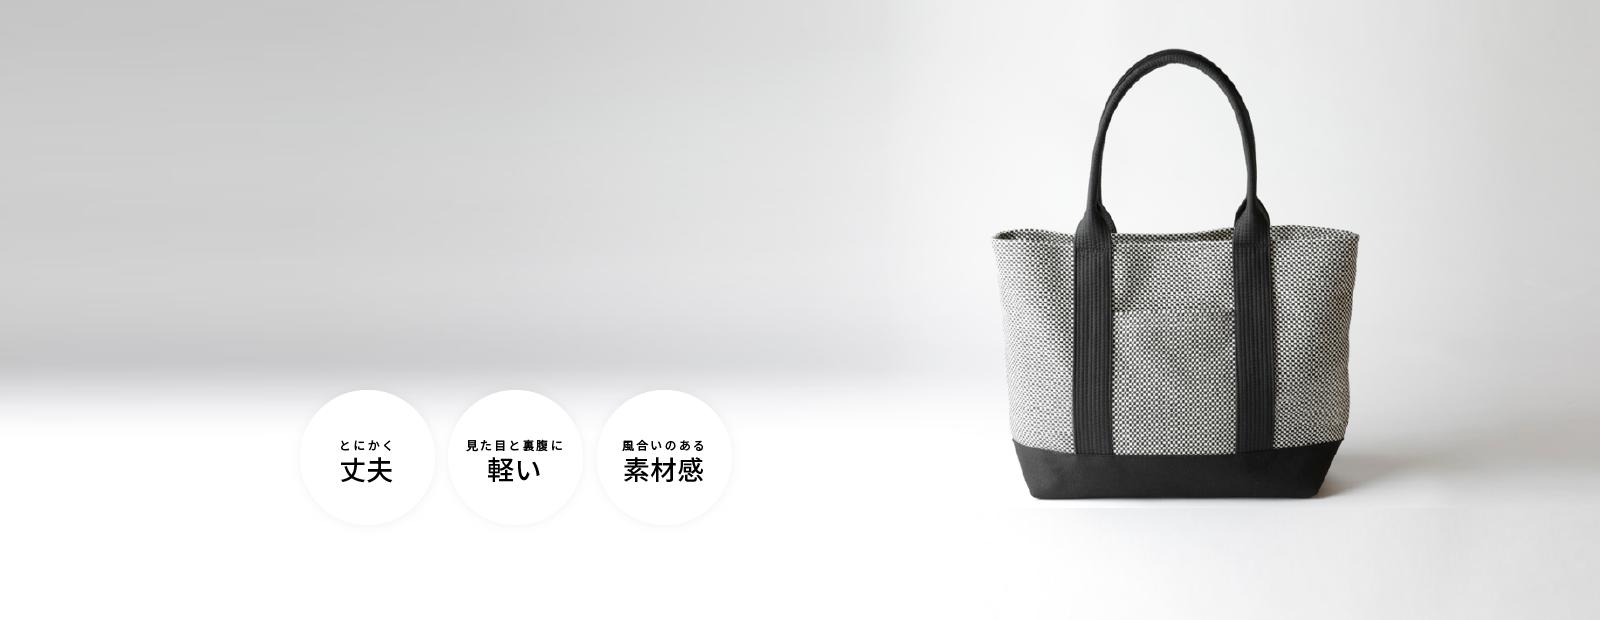 sasiccoは柔道着の縫製技術を活かした 高品質のMADE IN JAPANのカバンです。